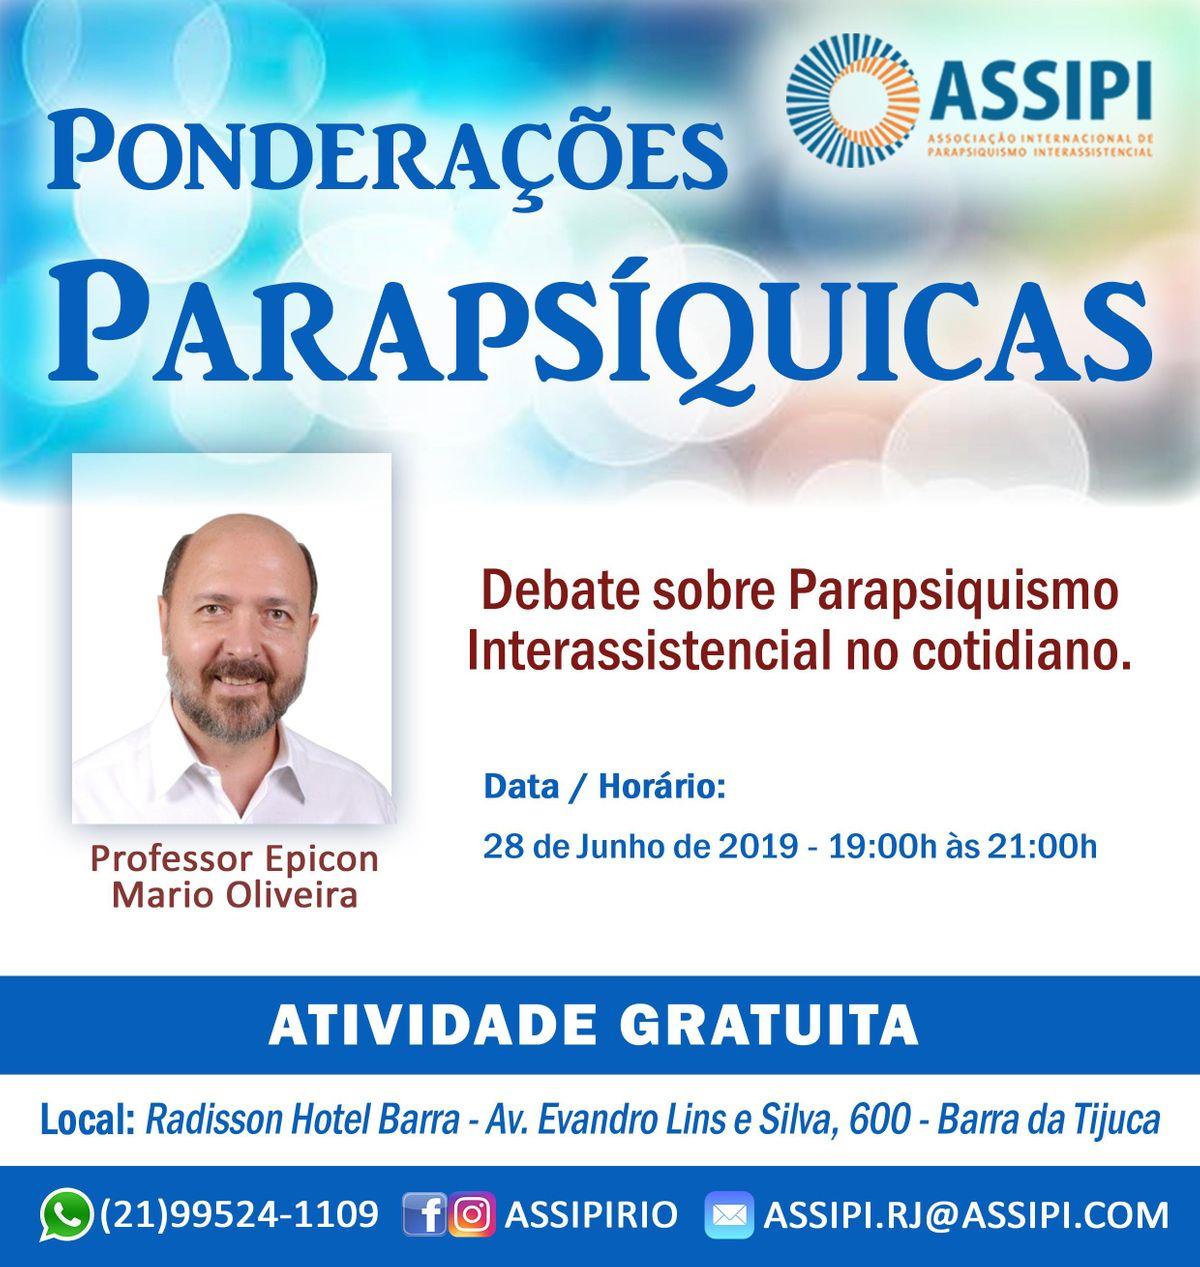 Ponderaes Parapsquicas